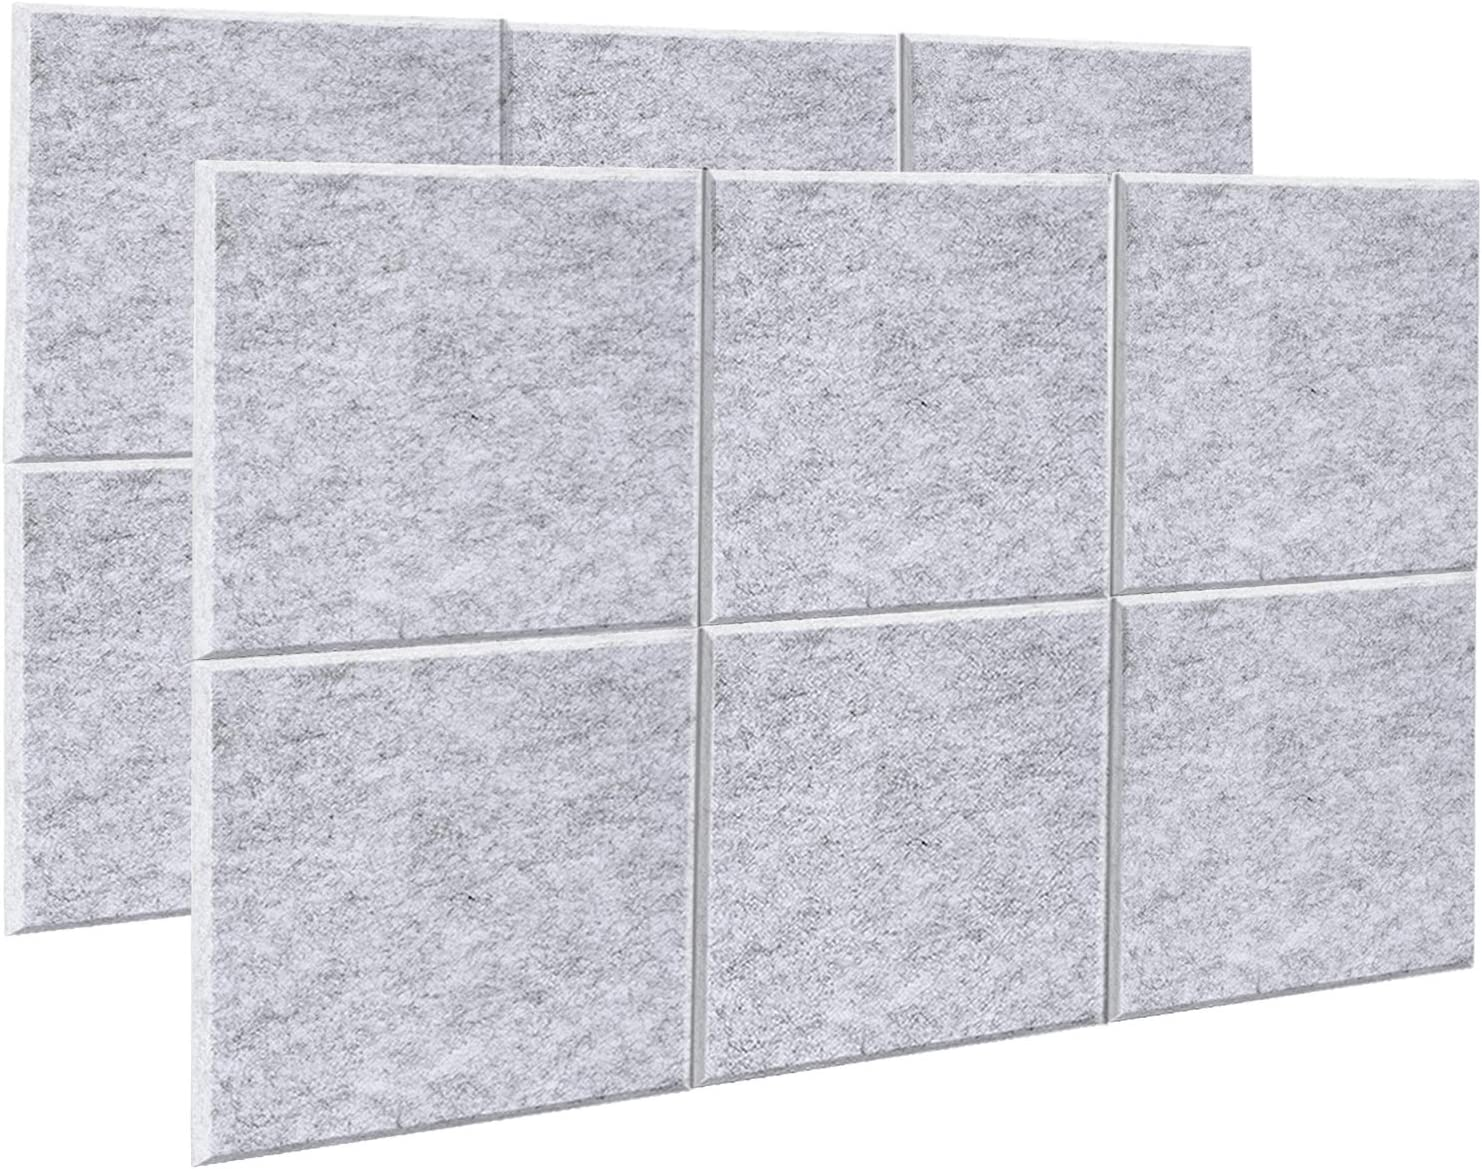 AGPtEK Panel Acústico, 12 Paneles de Absorción Acústica 30 * 30 * 1 cm Paneles de Aislamiento Acústico de bordes biselados, de Alta Densidad, excelentes para el hogar y oficinas, gris plateado